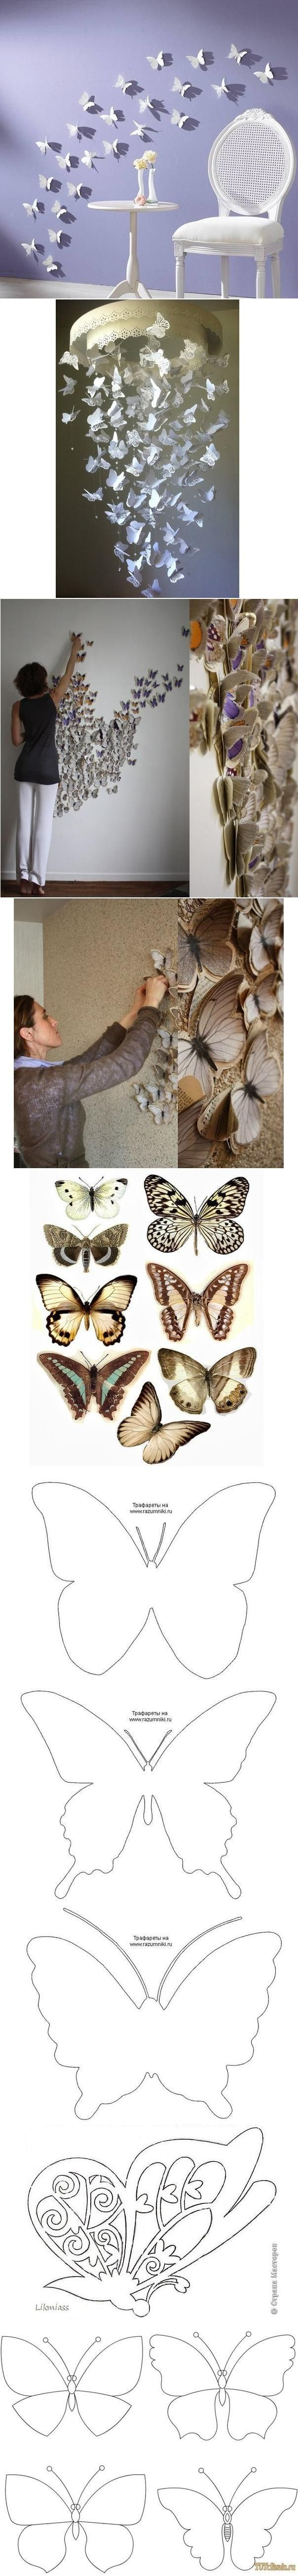 Zobacz zdjęcie motylki....oraz wzory motylków do wydrukowania i wycięcia... w pełnej rozdzielczości